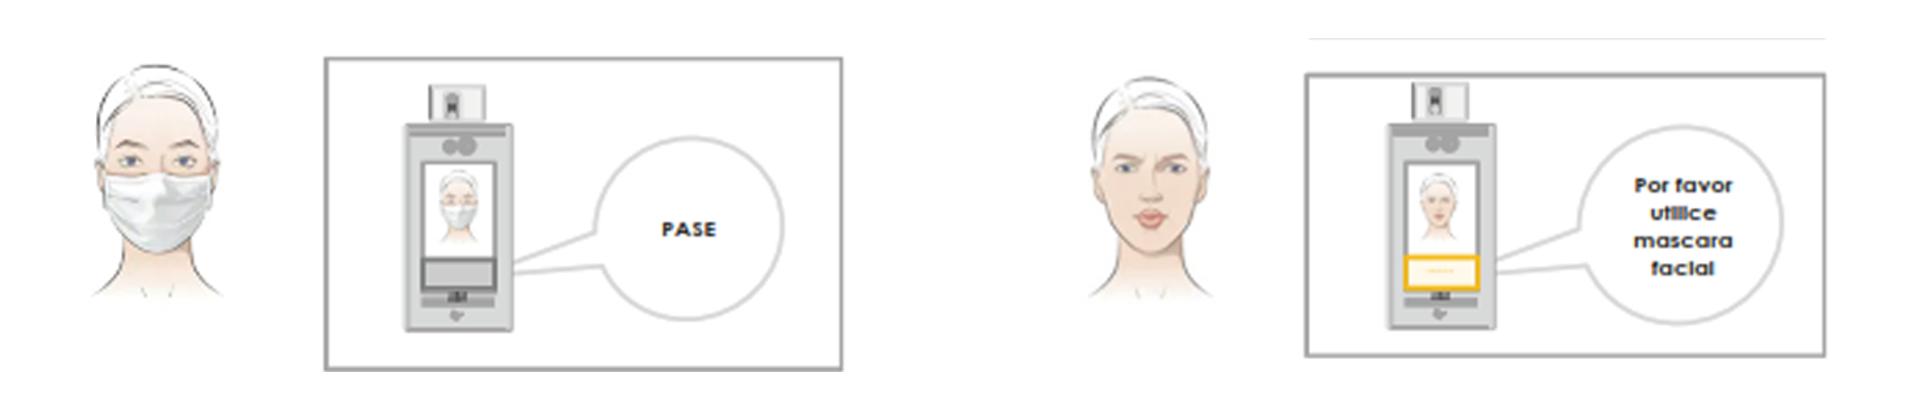 Función para detectar al usuario que porta máscara o no. La señal de advertencia se activará una vez que se detecte que alguien no está usando la máscara. (ésta es una función opcional)